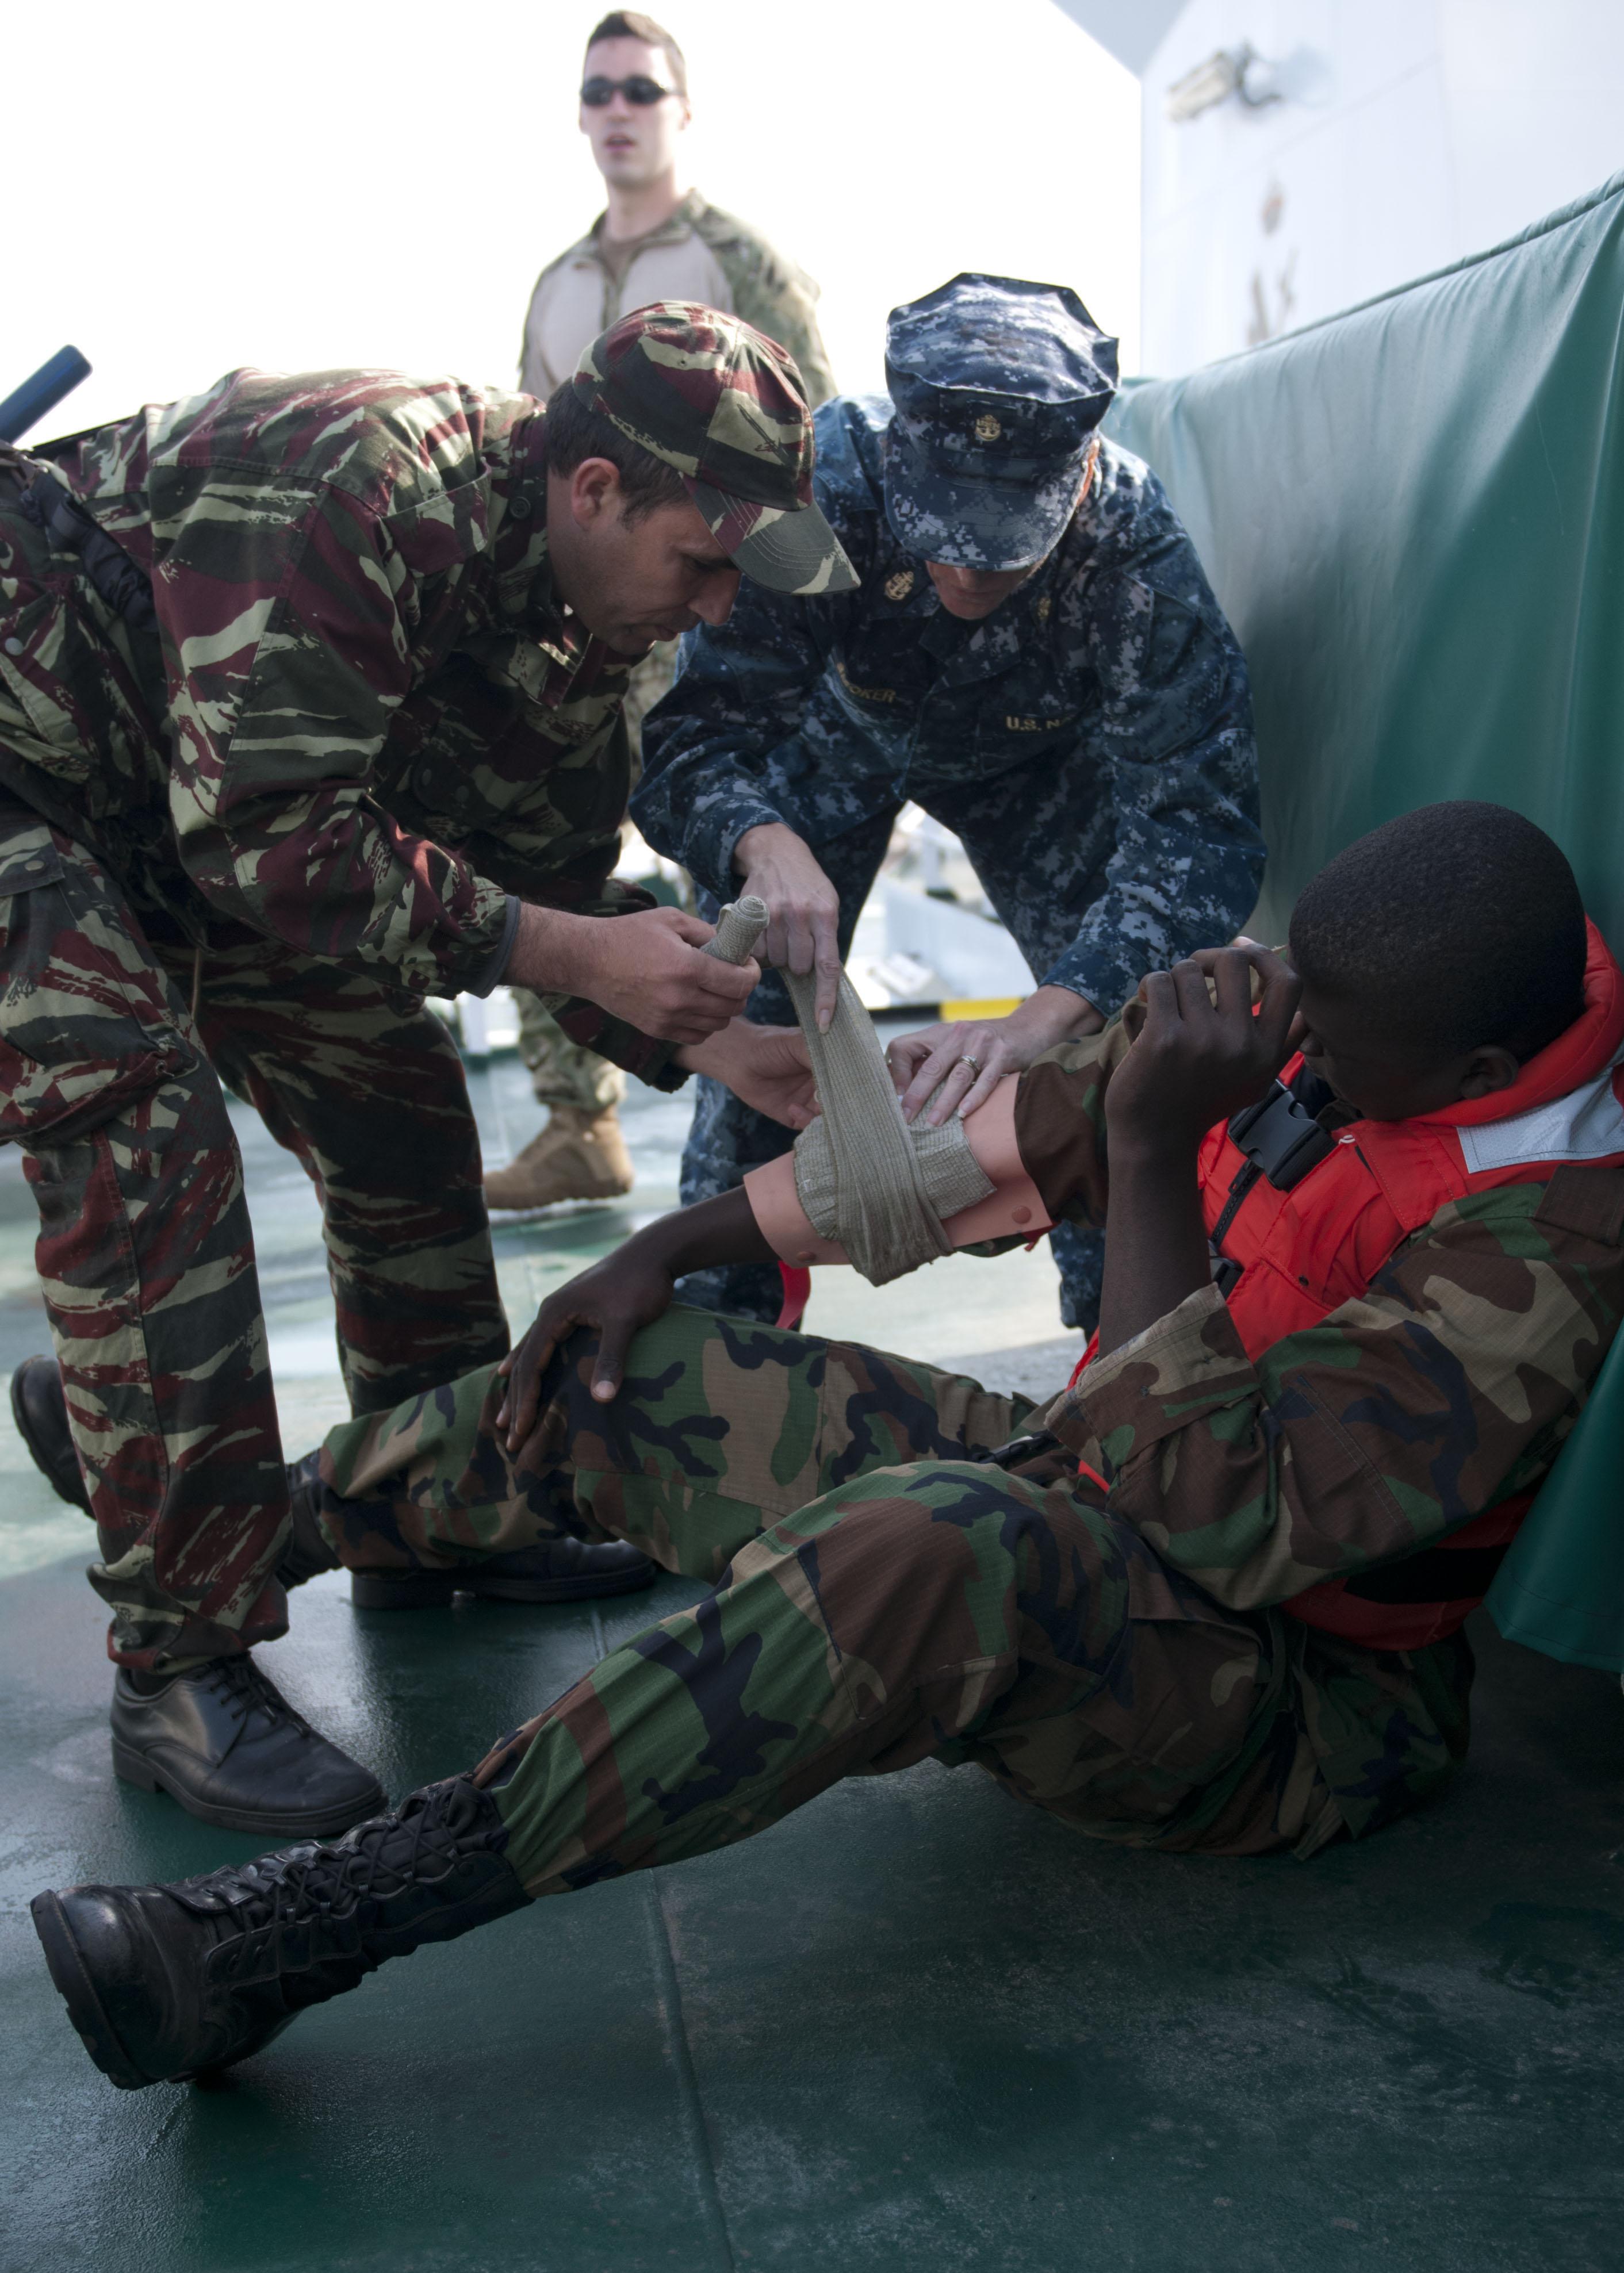 البحرية الملكية المغربية -شامل- - صفحة 12 4781071304100745472127b20efo